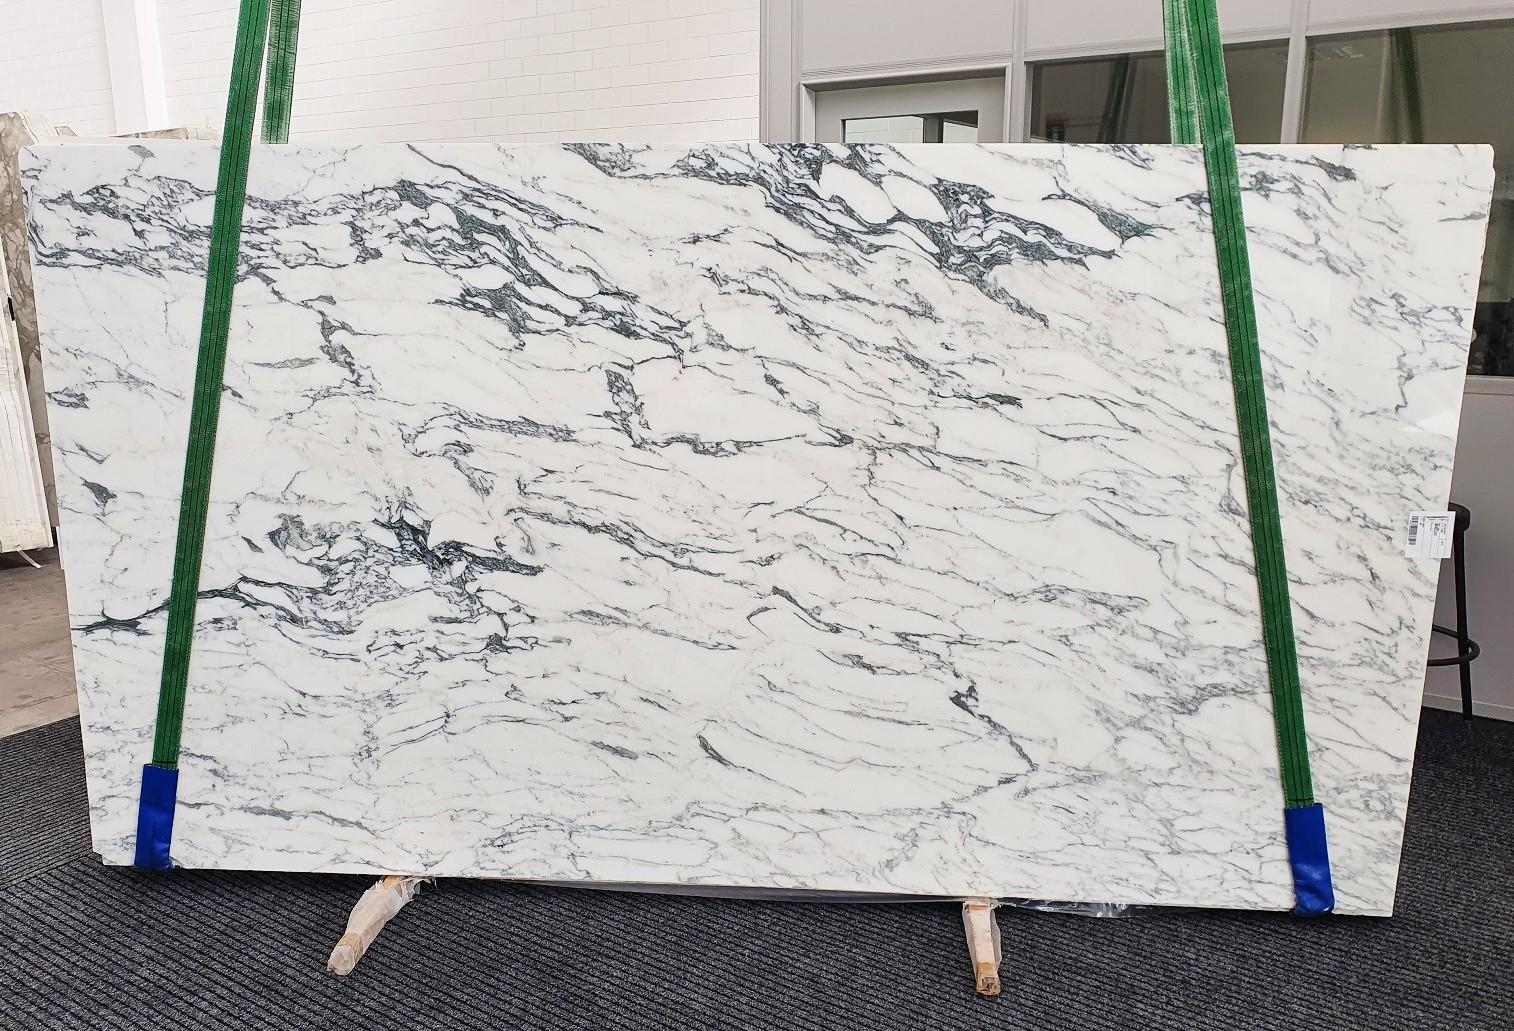 ARABESCATO FAINELLO polierte Unmaßplatten 1356 aus Natur Marmor , Slab #16: Lieferung Veneto, Italien